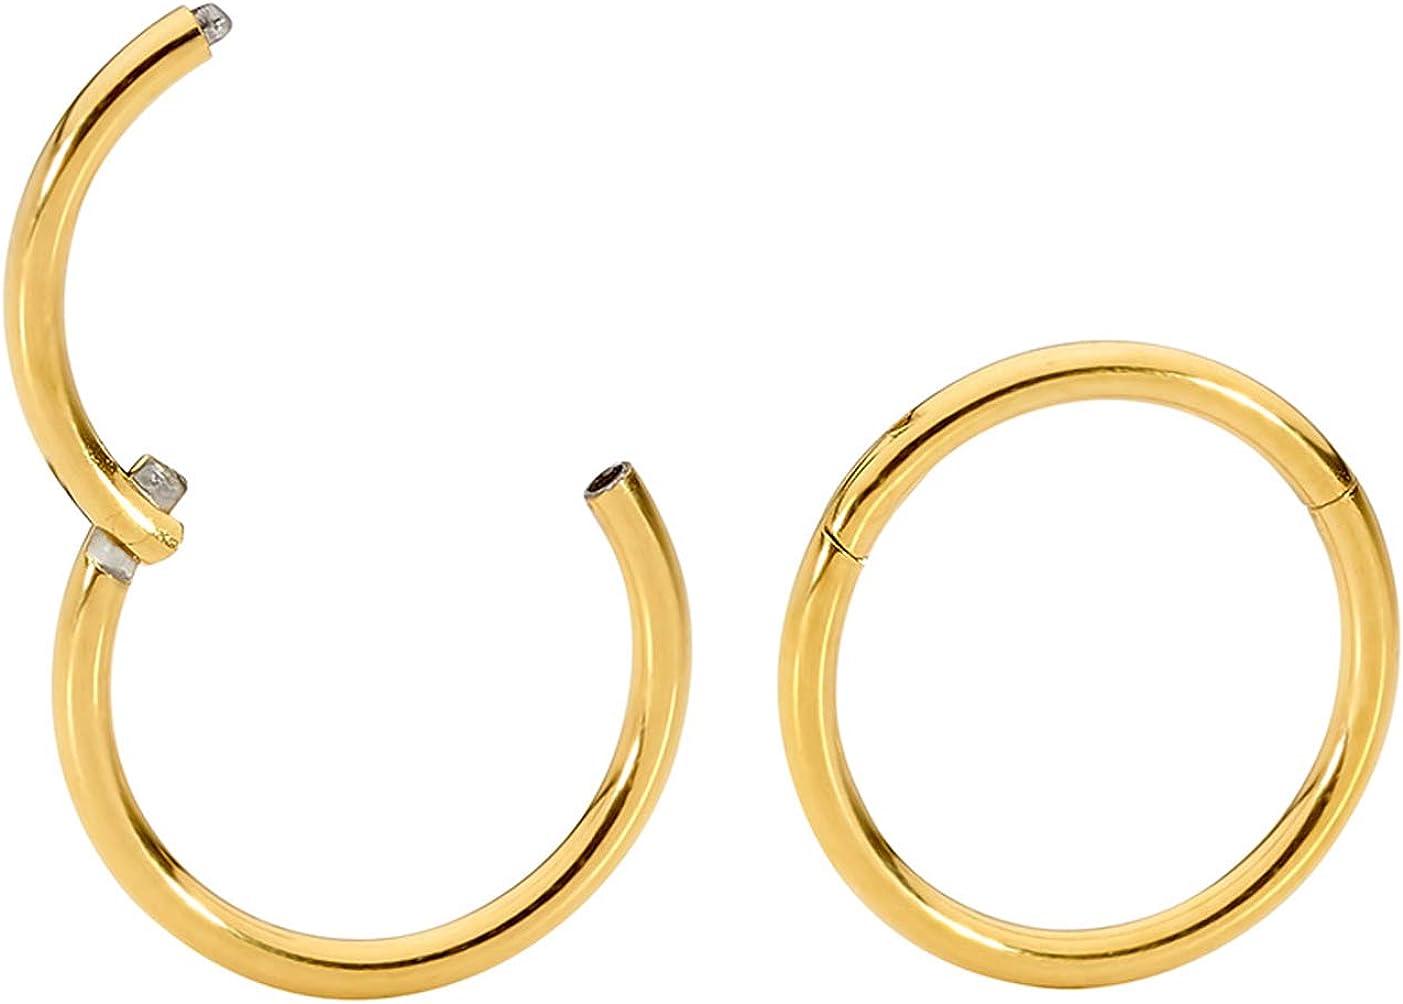 16mm 13mm 8mm 7mm 10mm 14mm 9mm 6mm 365 Sleepers 1 Pair Stainless Steel 16G Hinged Segment Ring Hoop Sleeper Earrings Body Piercing 5mm 12mm 11mm